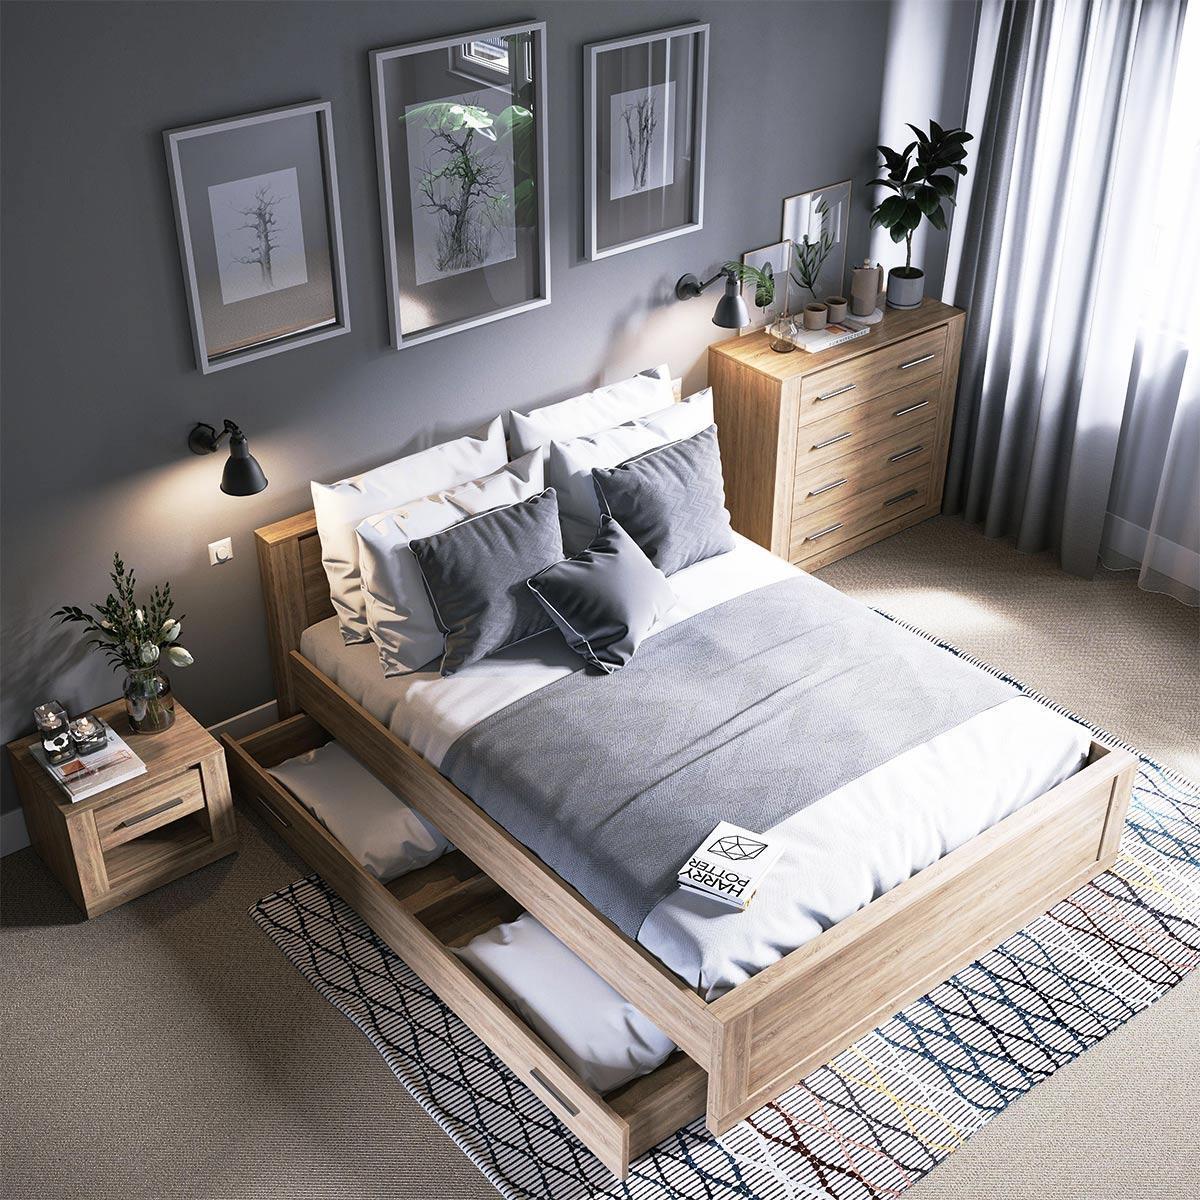 giường ngủ độc đáo, đẹp mắt